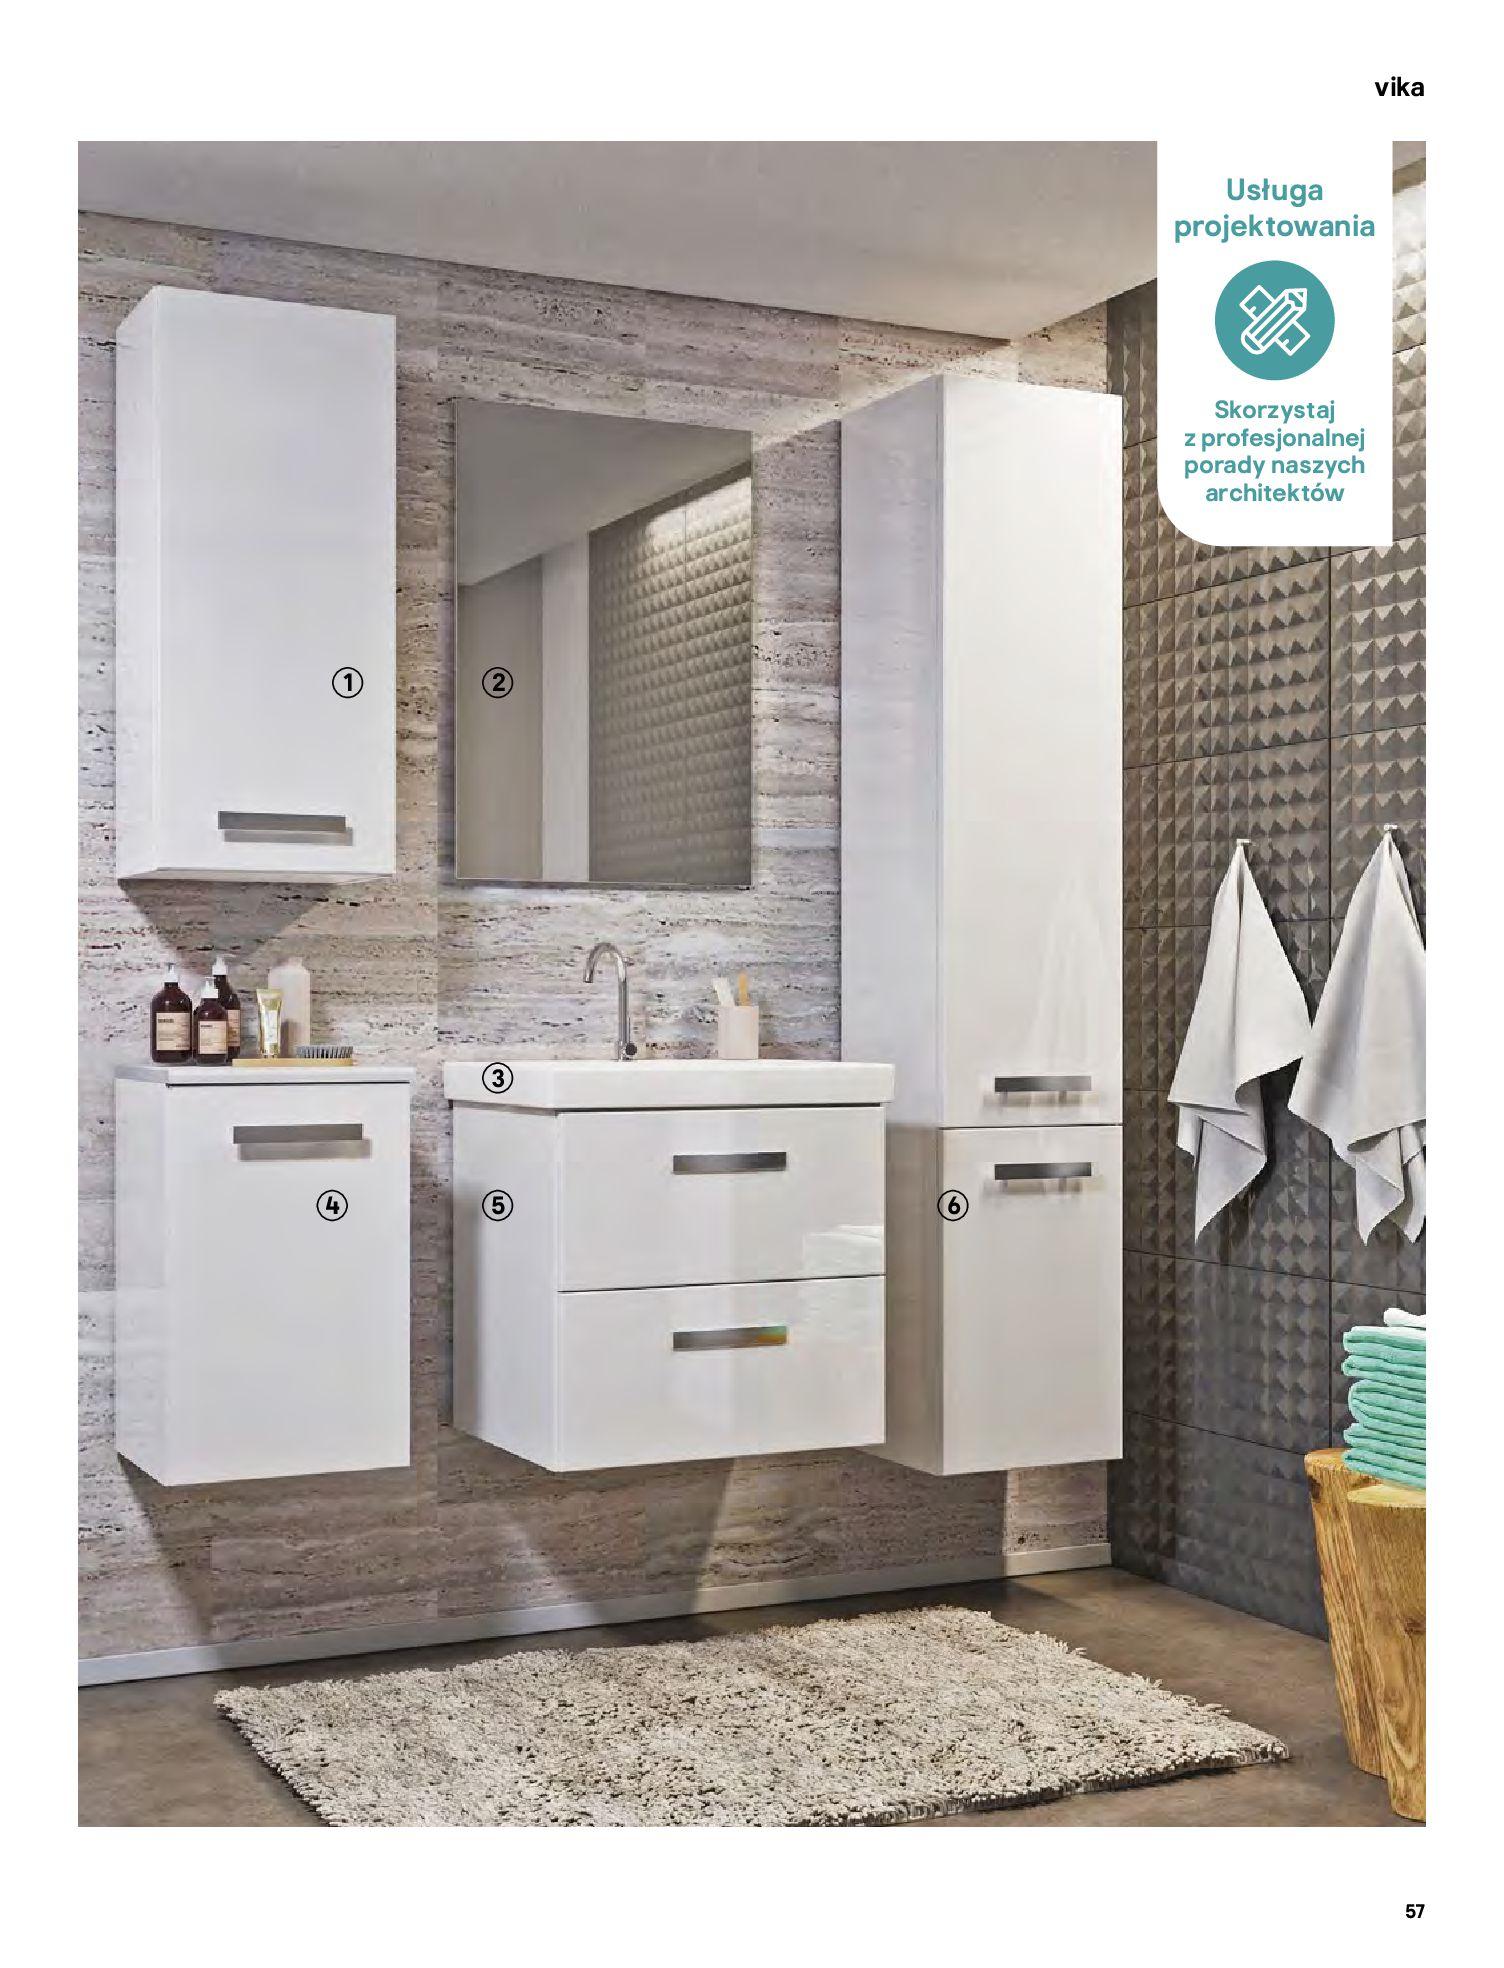 Gazetka Castorama: Gazetka Castorama - katalog łazienki 2021 2021-06-16 page-57